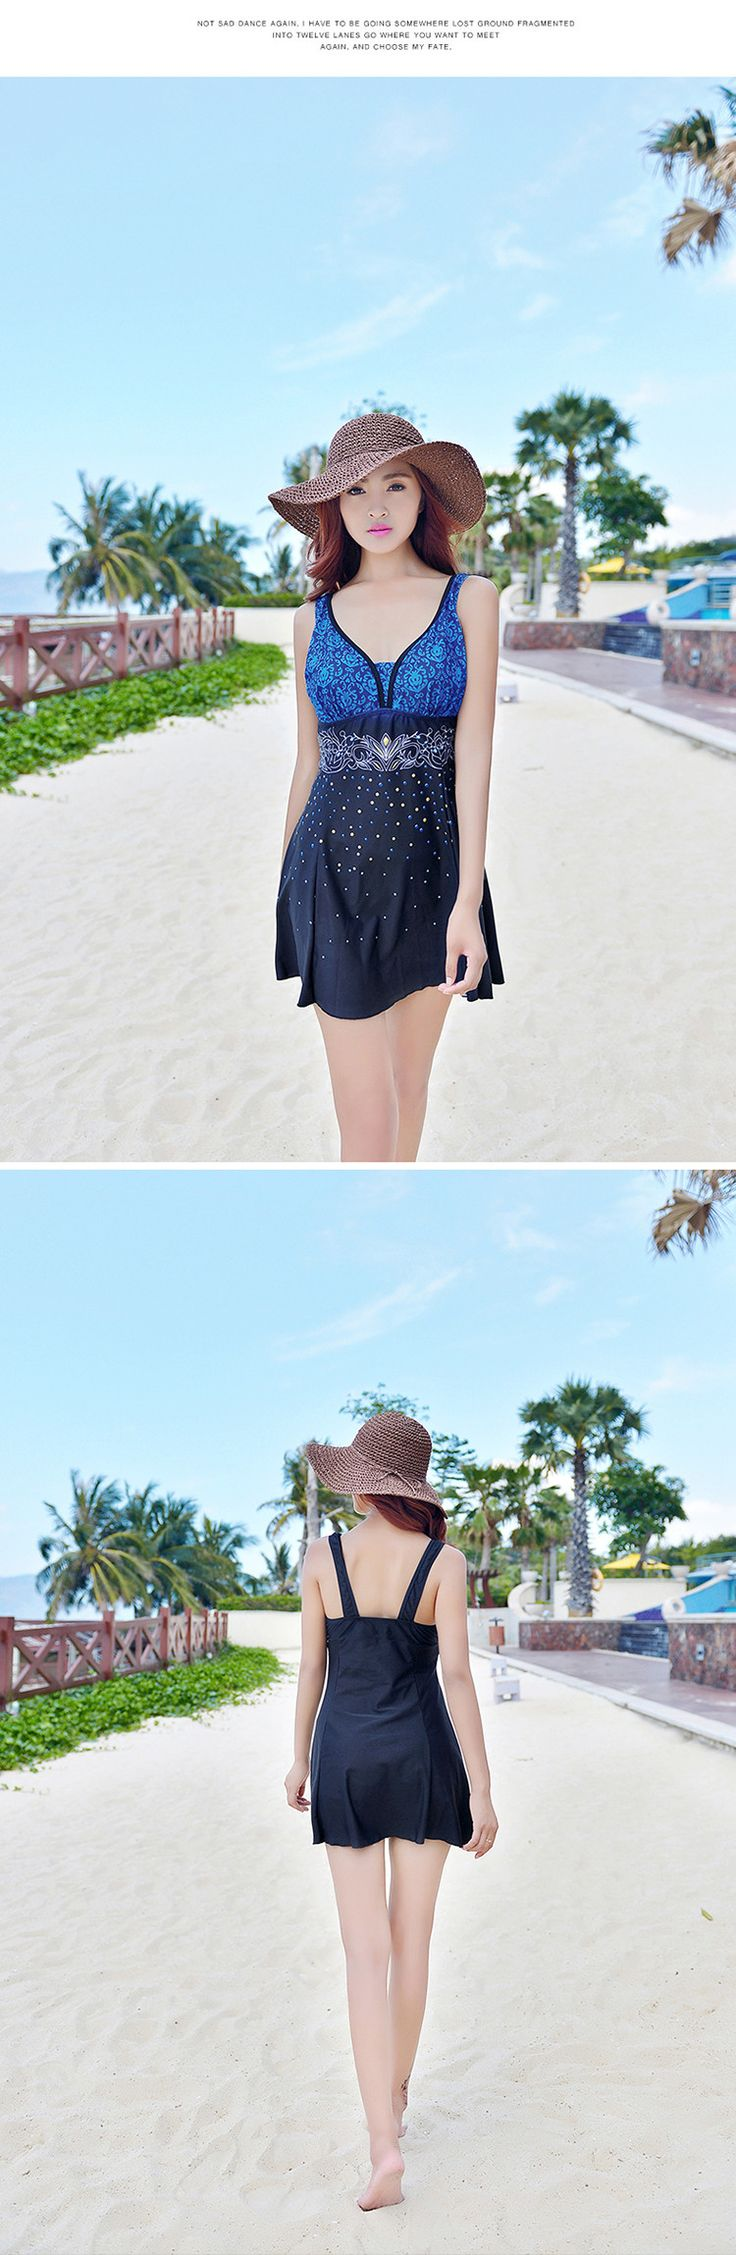 Femmes 2016 Moderne Sexy Rembourré Beachwear V cou Profond Soulèvent Une Seule Pièce Maillot de Bain Polka Dot Maillot de bain Rétro Maillots De Bain dans D'une Seule Pièce Costumes de Sports & Entertainment sur AliExpress.com | Alibaba Group